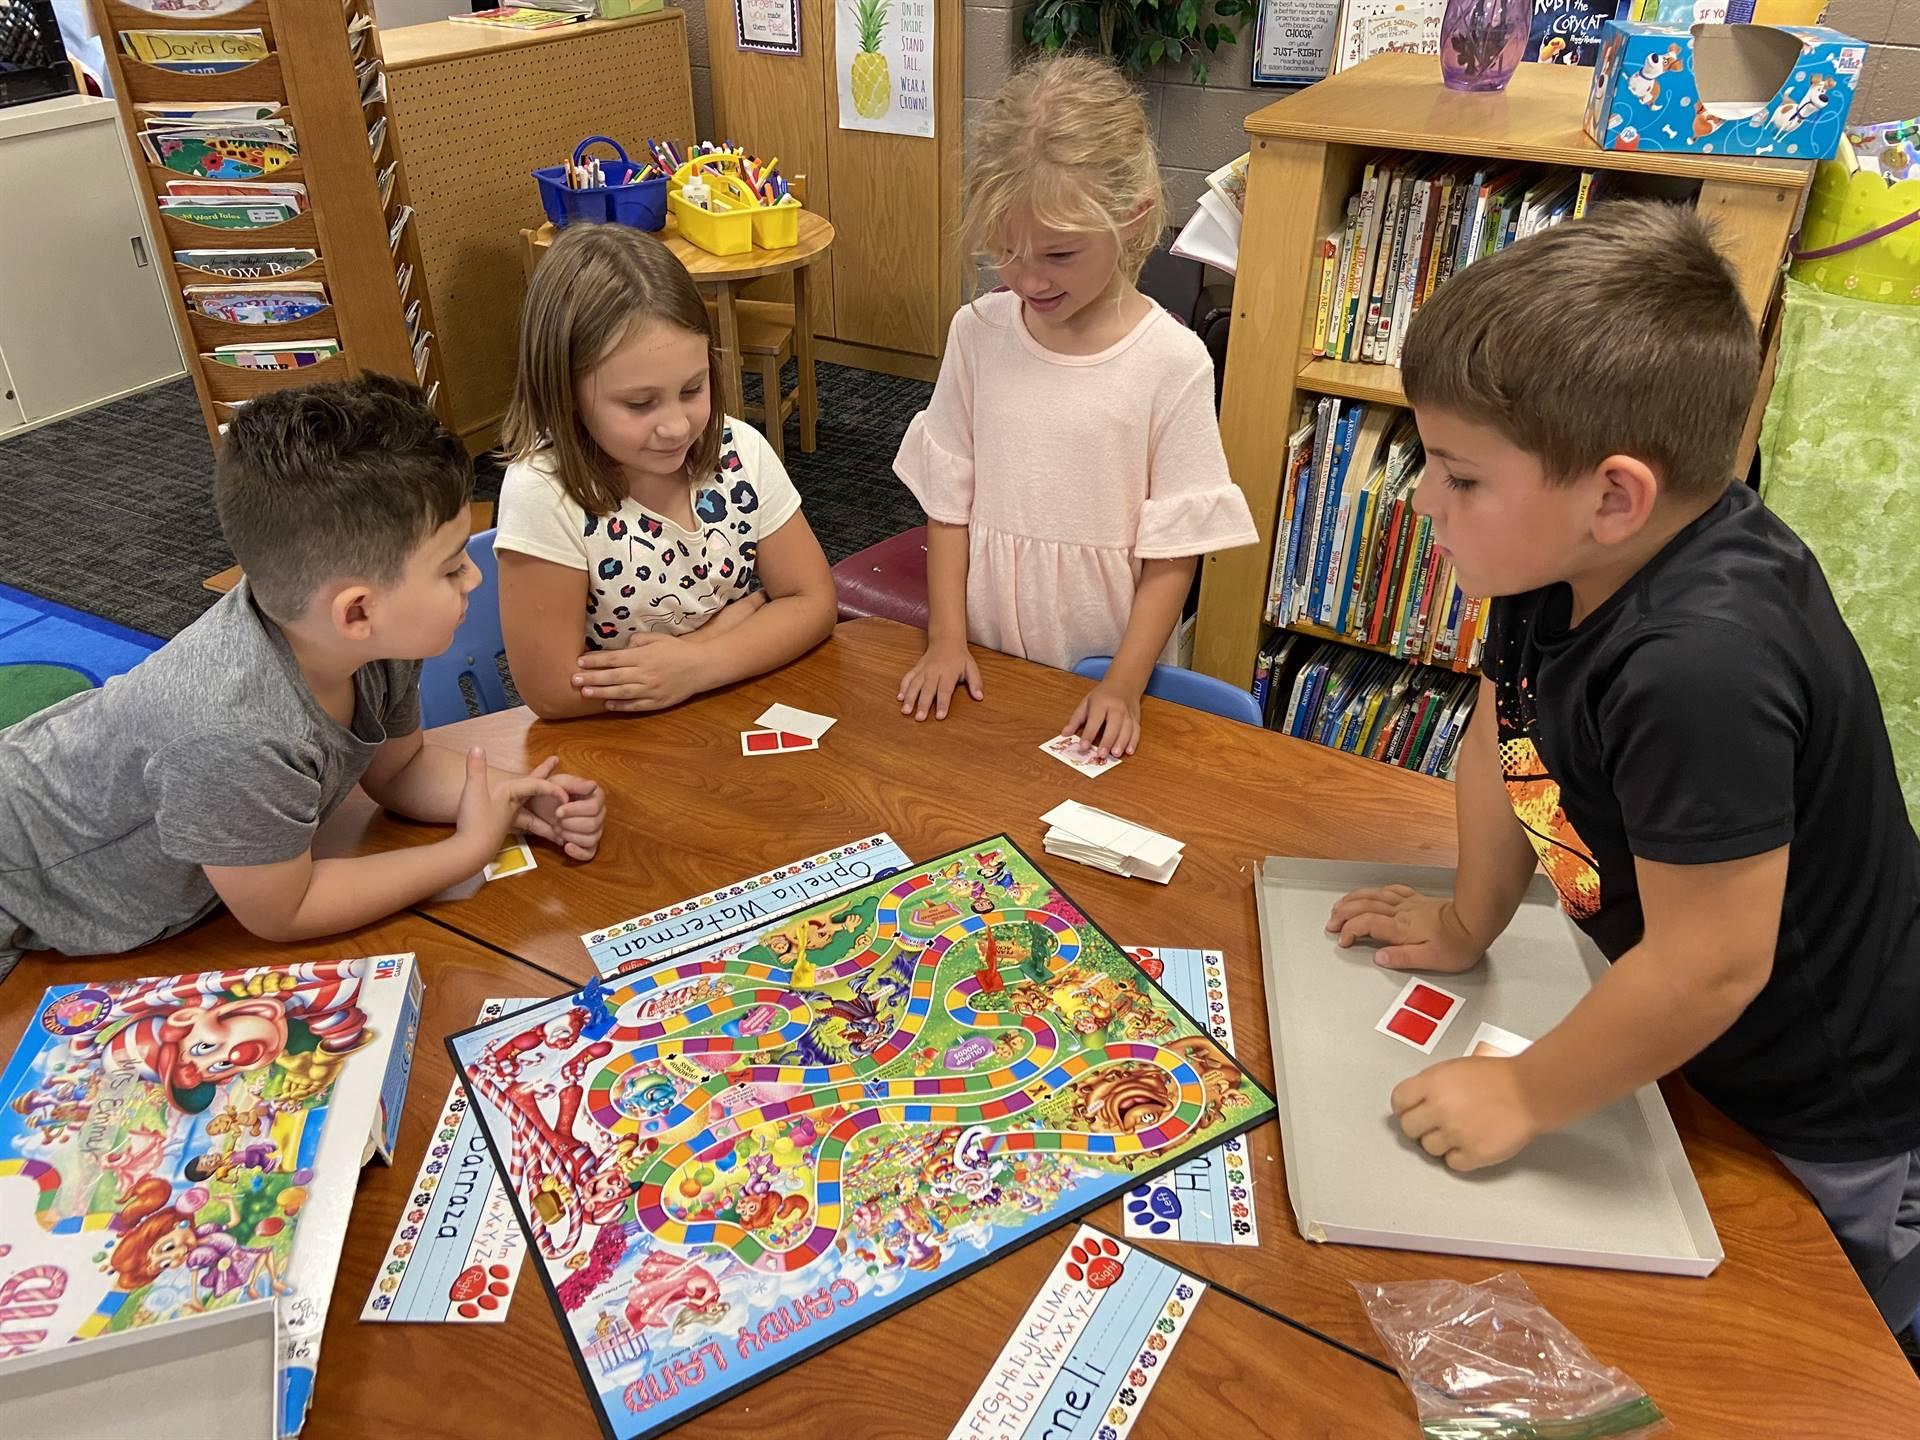 1st grade using board games to teach social skills.